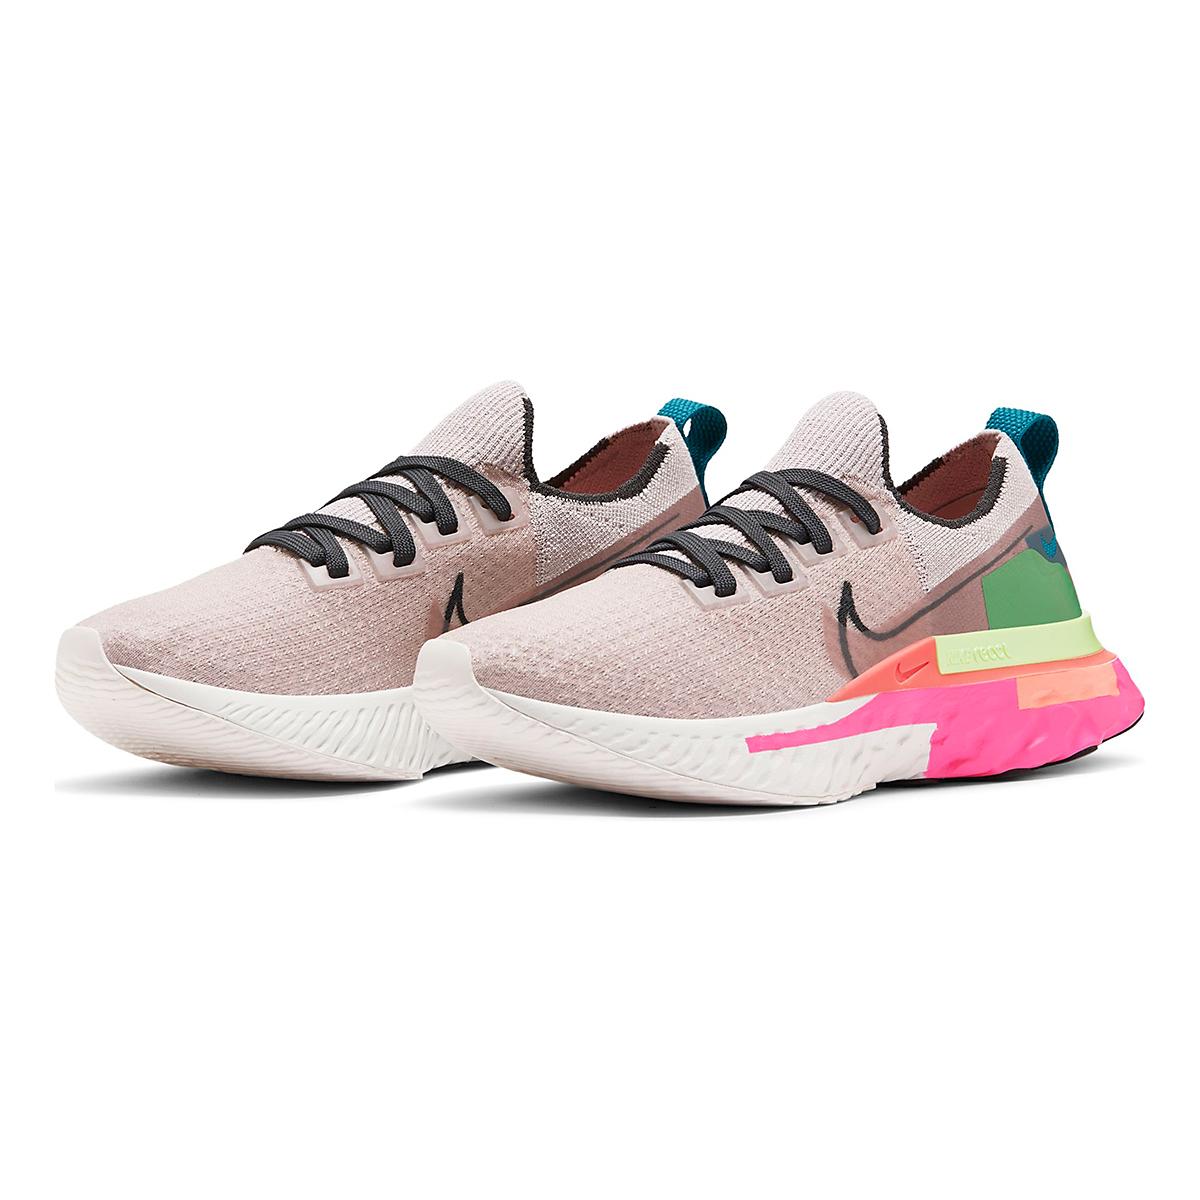 Women's Nike React Infinity Run Flyknit Running Shoe - Color: Violet Ash/Smoke Grey/Pink Blast - Size: 5 - Width: Regular, Violet Ash/Smoke Grey/Pink Blast, large, image 3